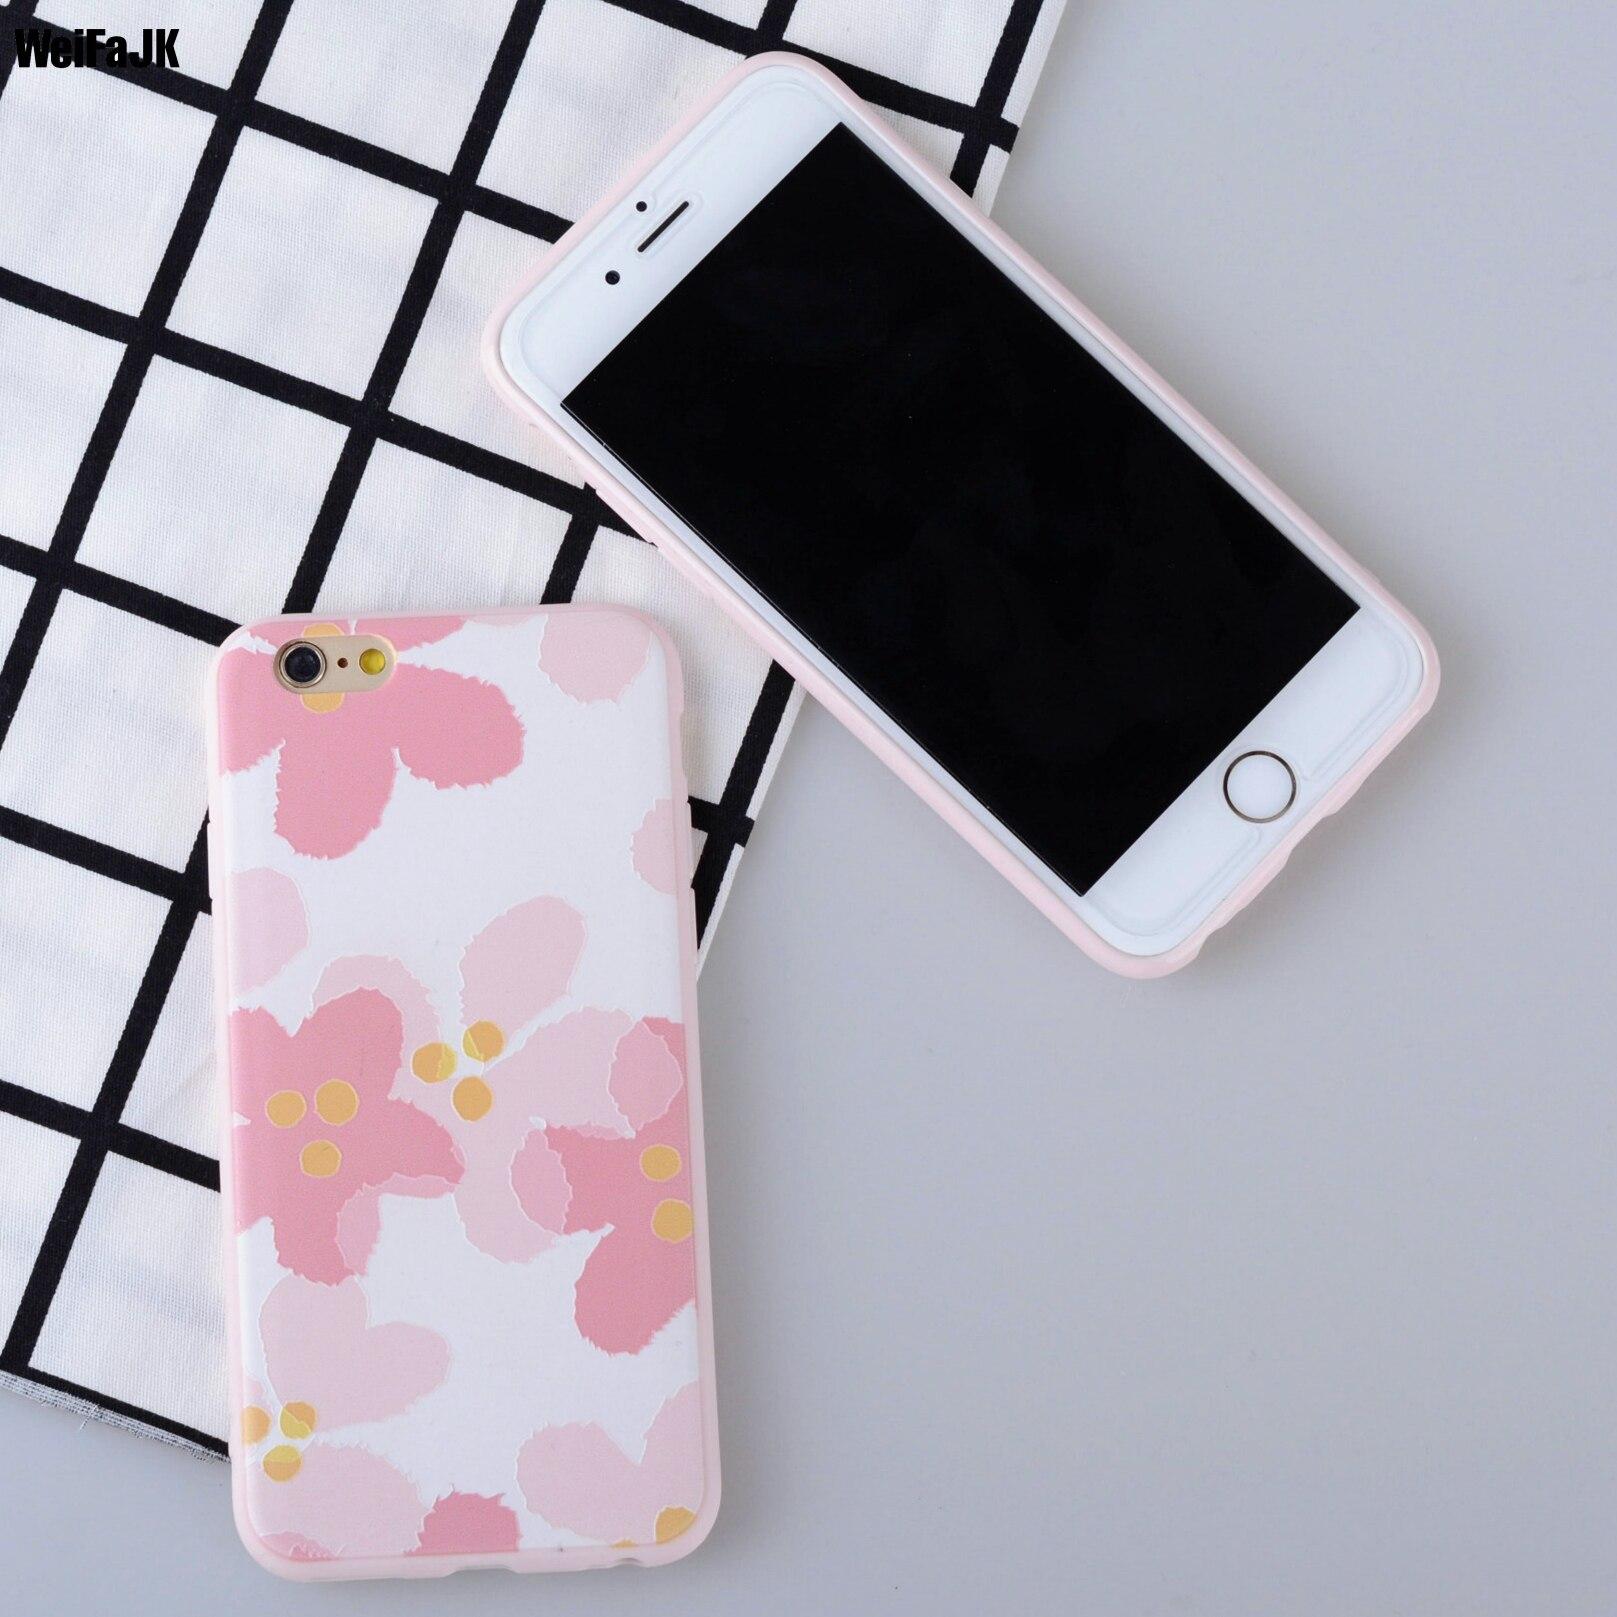 WeiFaJK Breve de Flores de Color Rosa Cereza Caso de TPU Para el iphone 7 Plus V